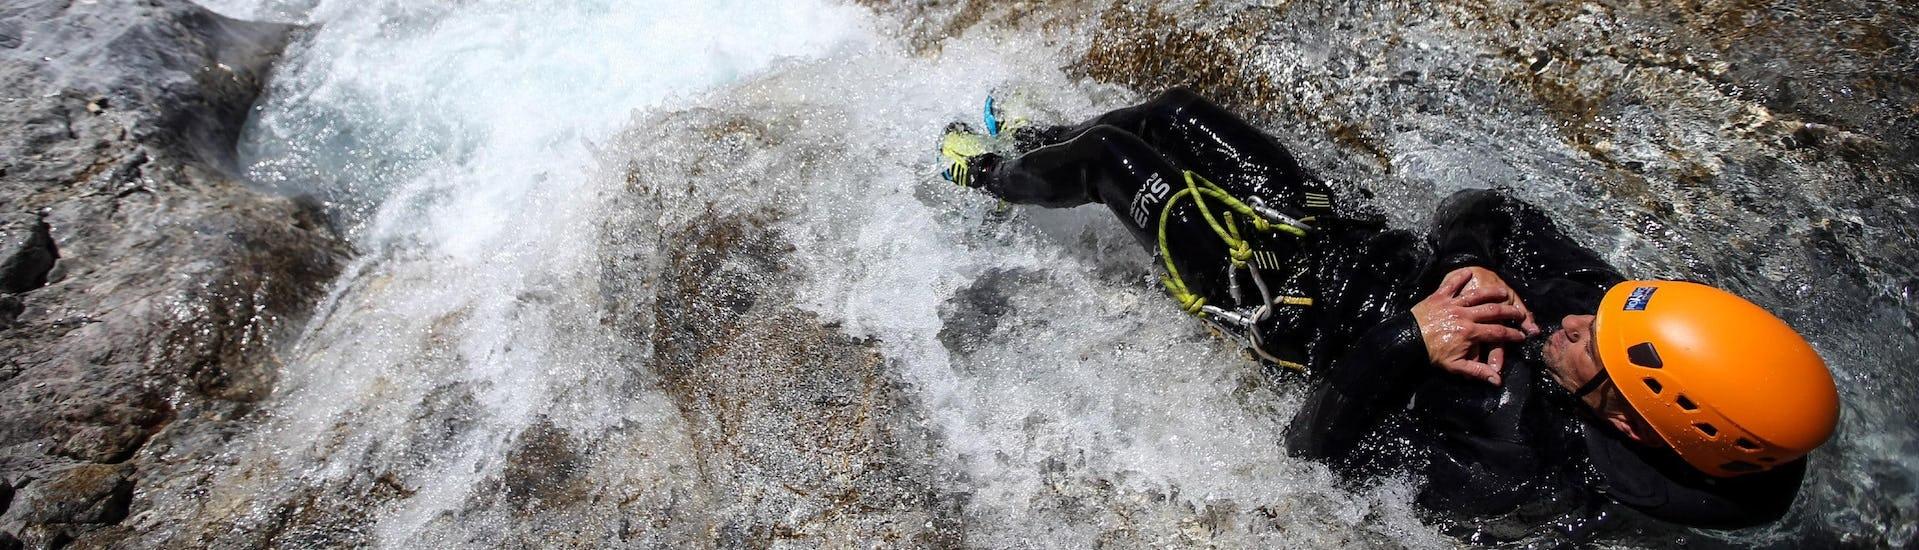 Un homme descend un toboggan naturel lors d'une sortie canyoning dans le caynon de Caprie - Aventure Italie avec SerreChe Canyon.